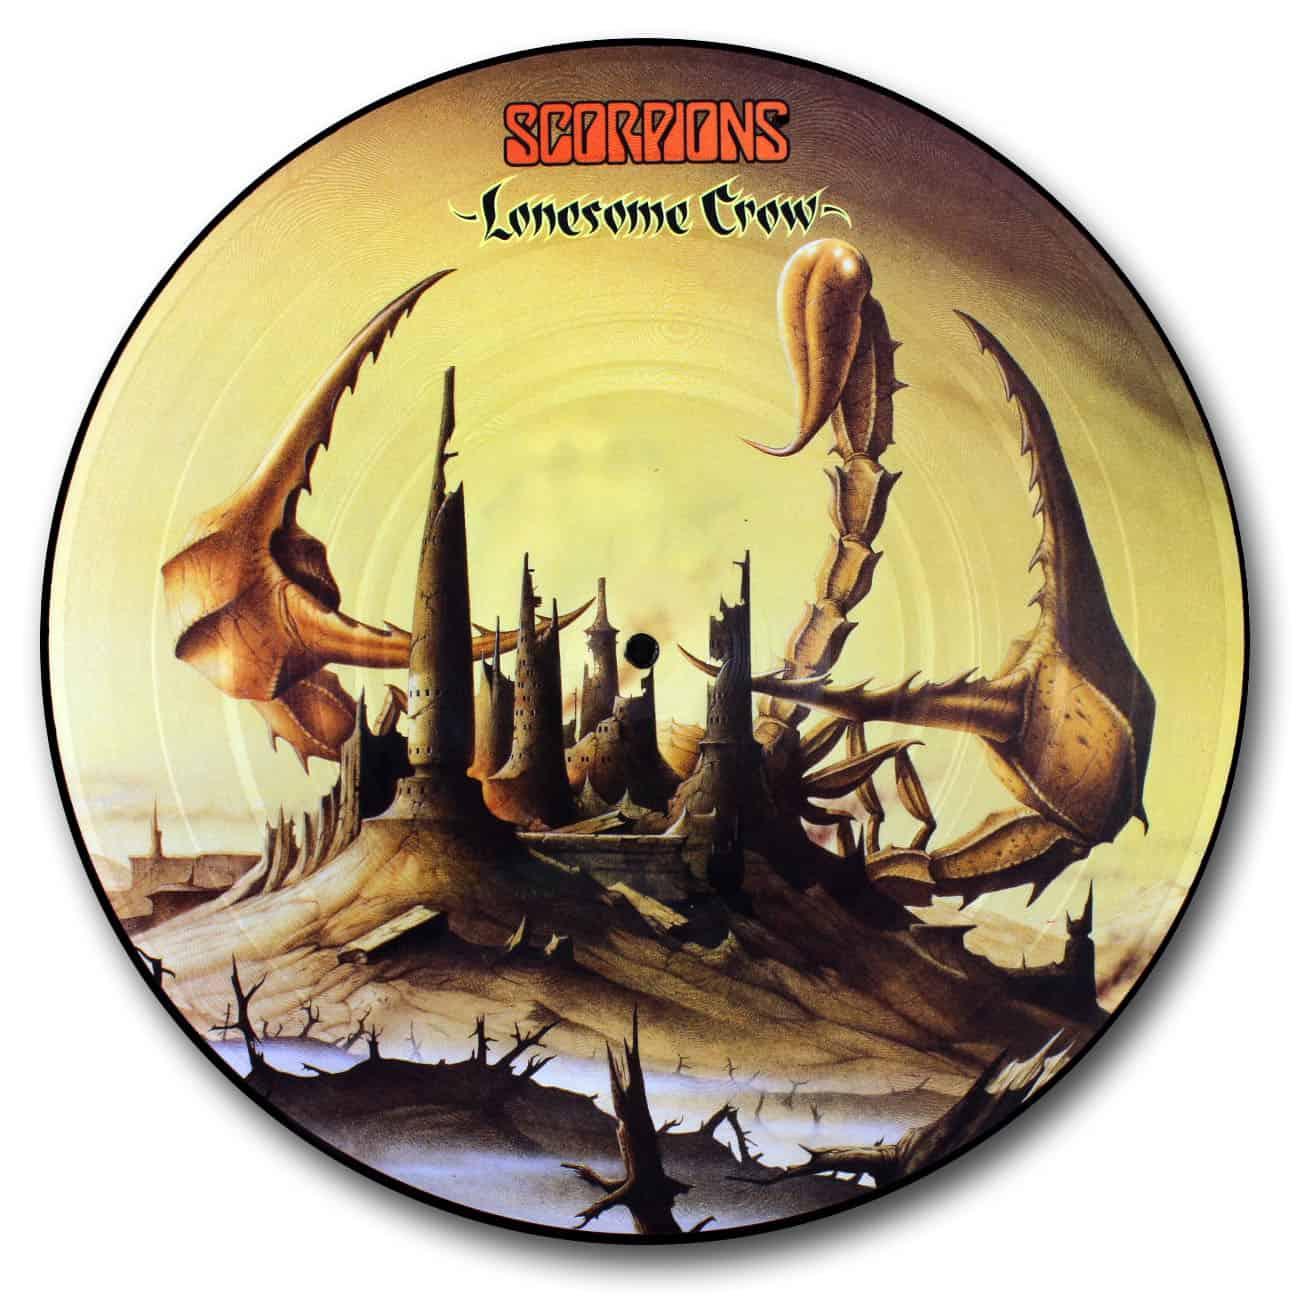 Scorpions Lonesome Crow The Vinyl Underground